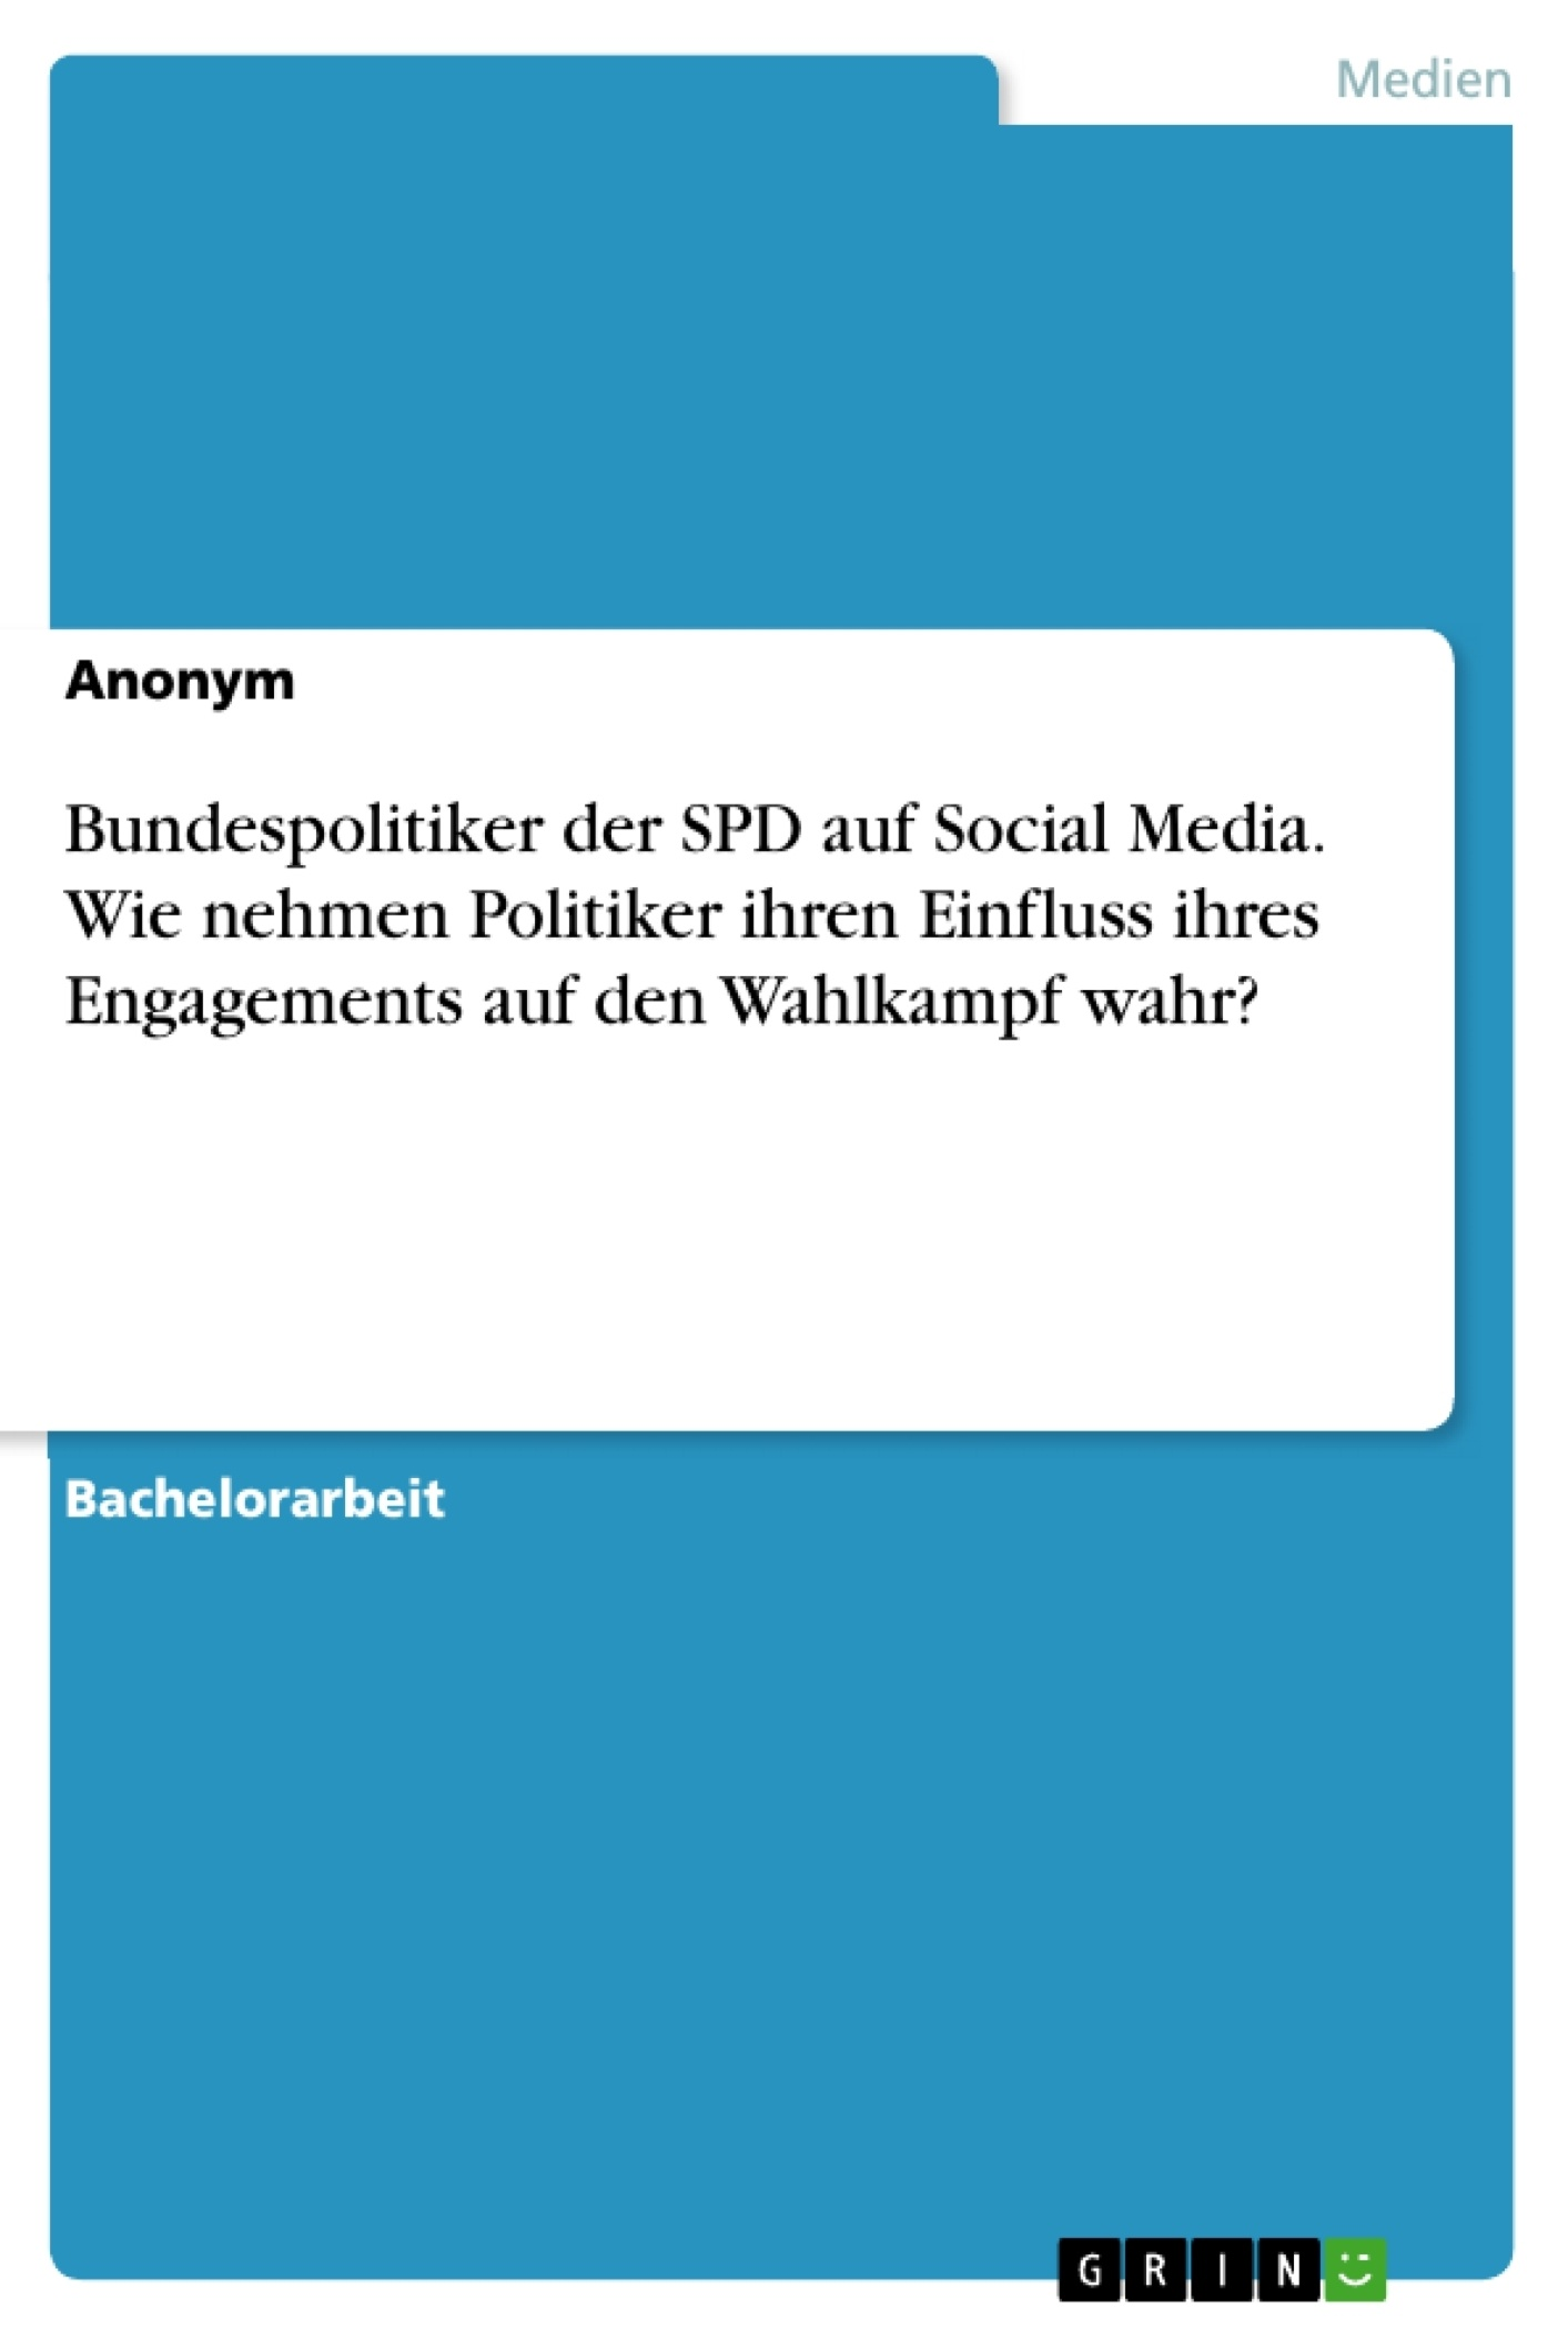 Titel: Bundespolitiker der SPD auf Social Media. Wie nehmen Politiker ihren Einfluss ihres Engagements auf den Wahlkampf wahr?